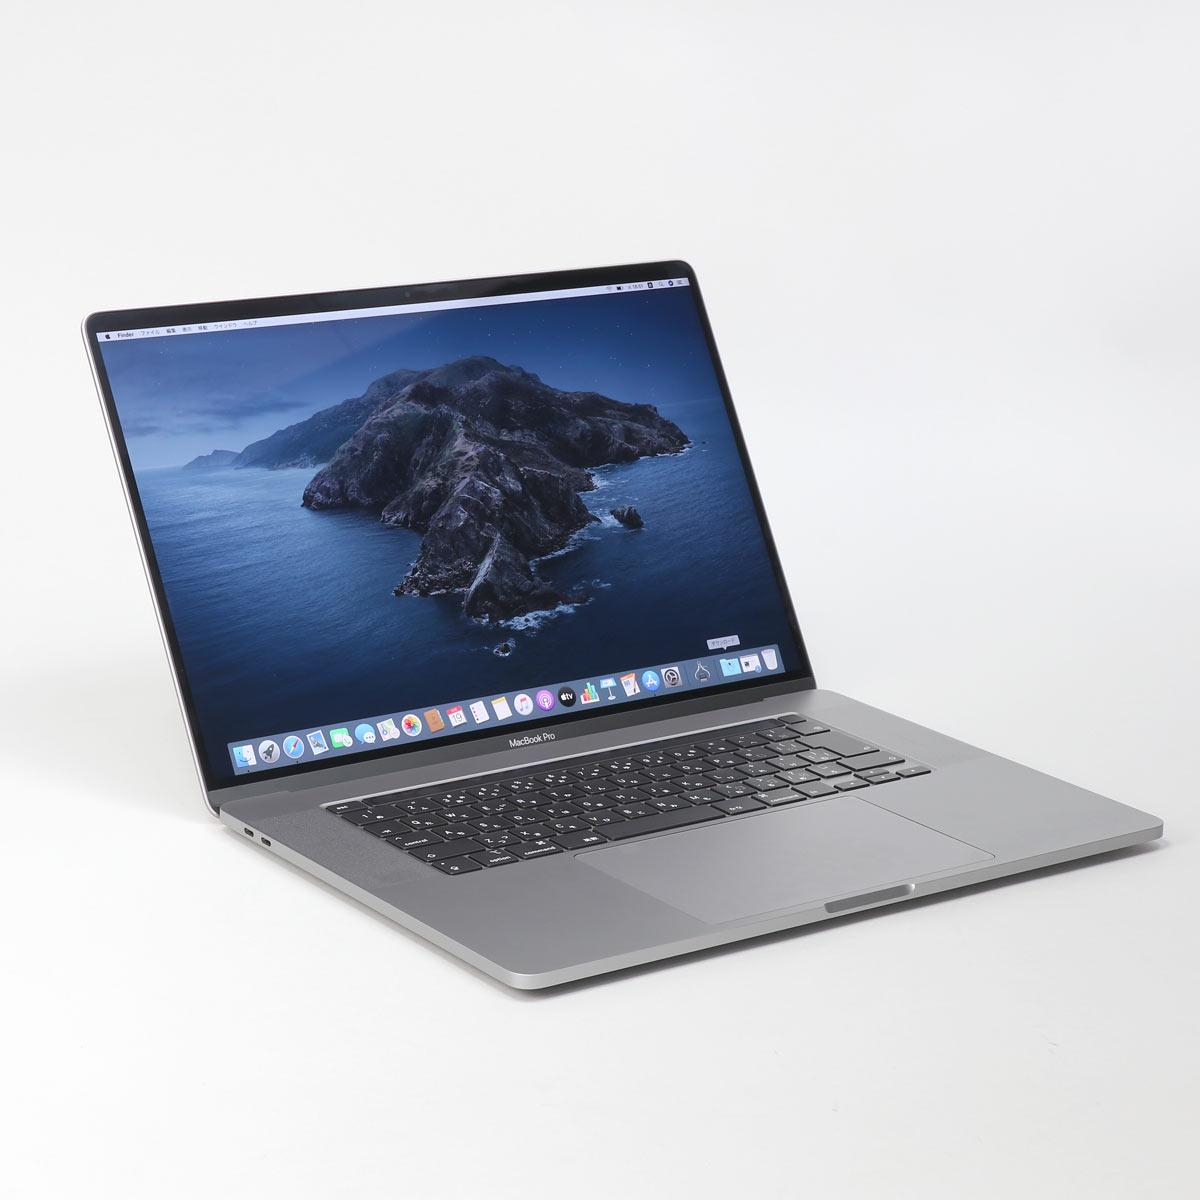 「MacBook Pro」16インチモデルをレビュー、15インチモデルからどう変わった?